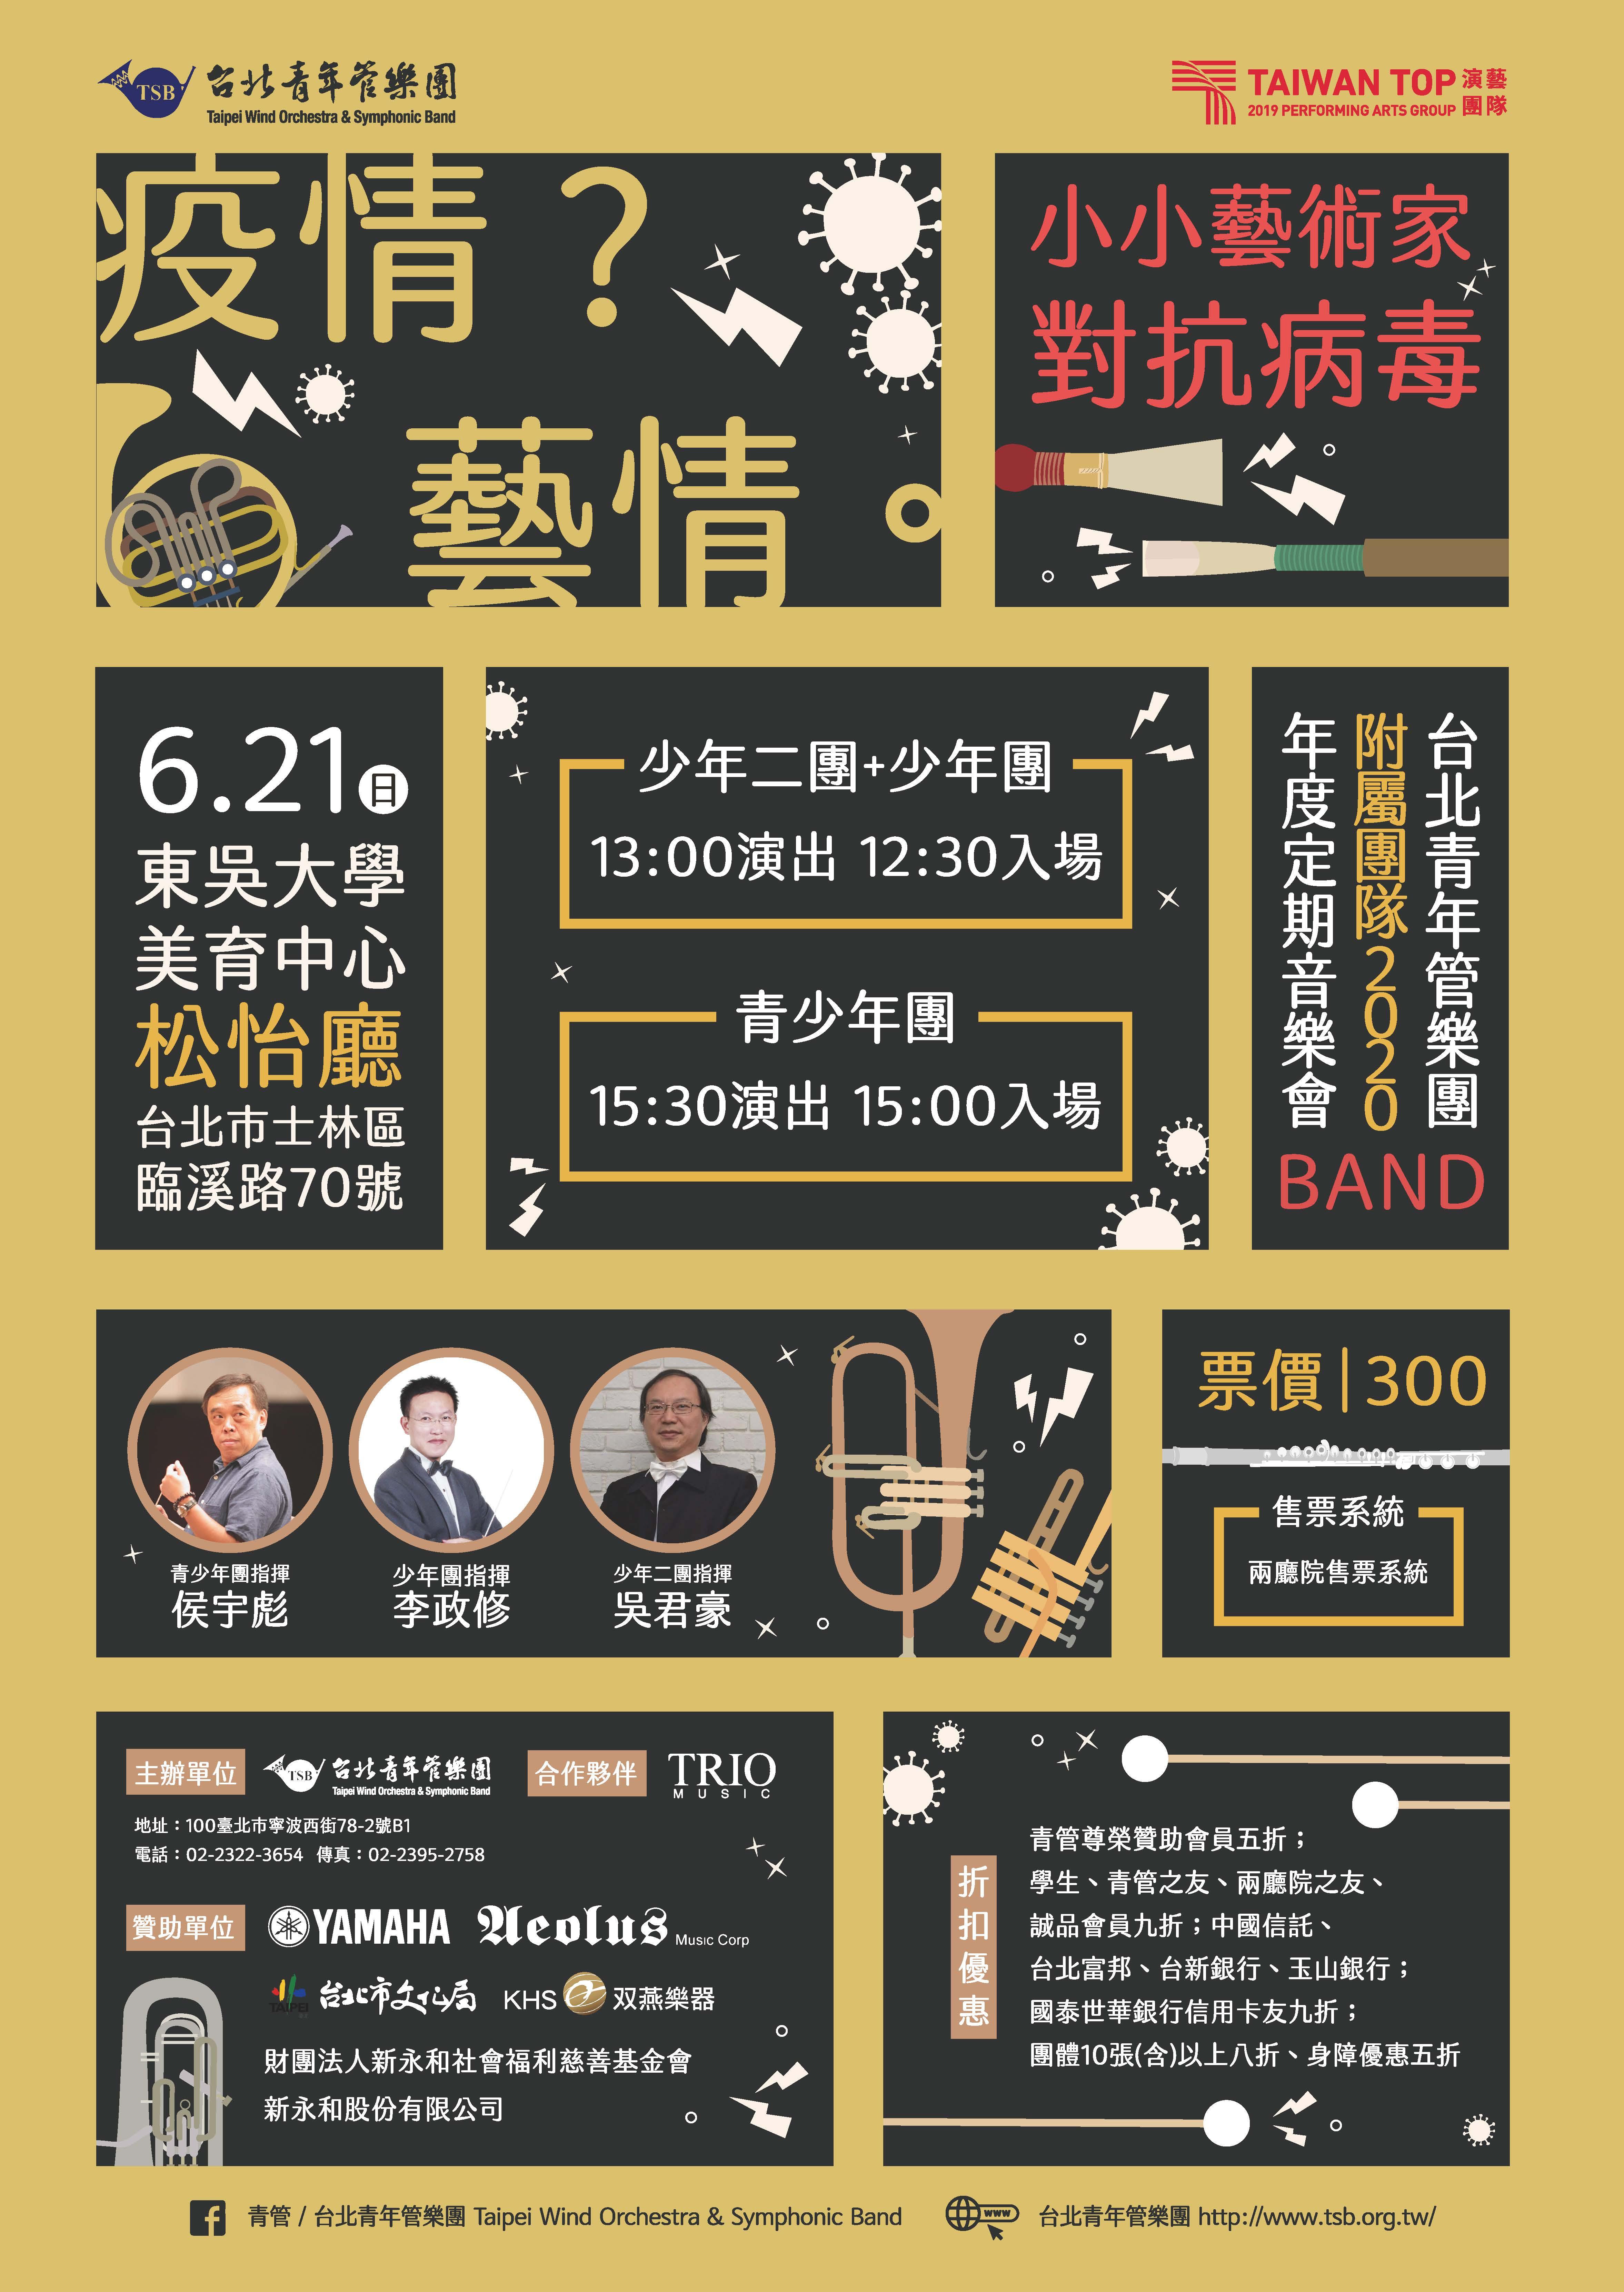 《疫情?藝情。小小藝術家對抗病毒》台北青年管樂團附屬團隊 2020年度定期音樂會